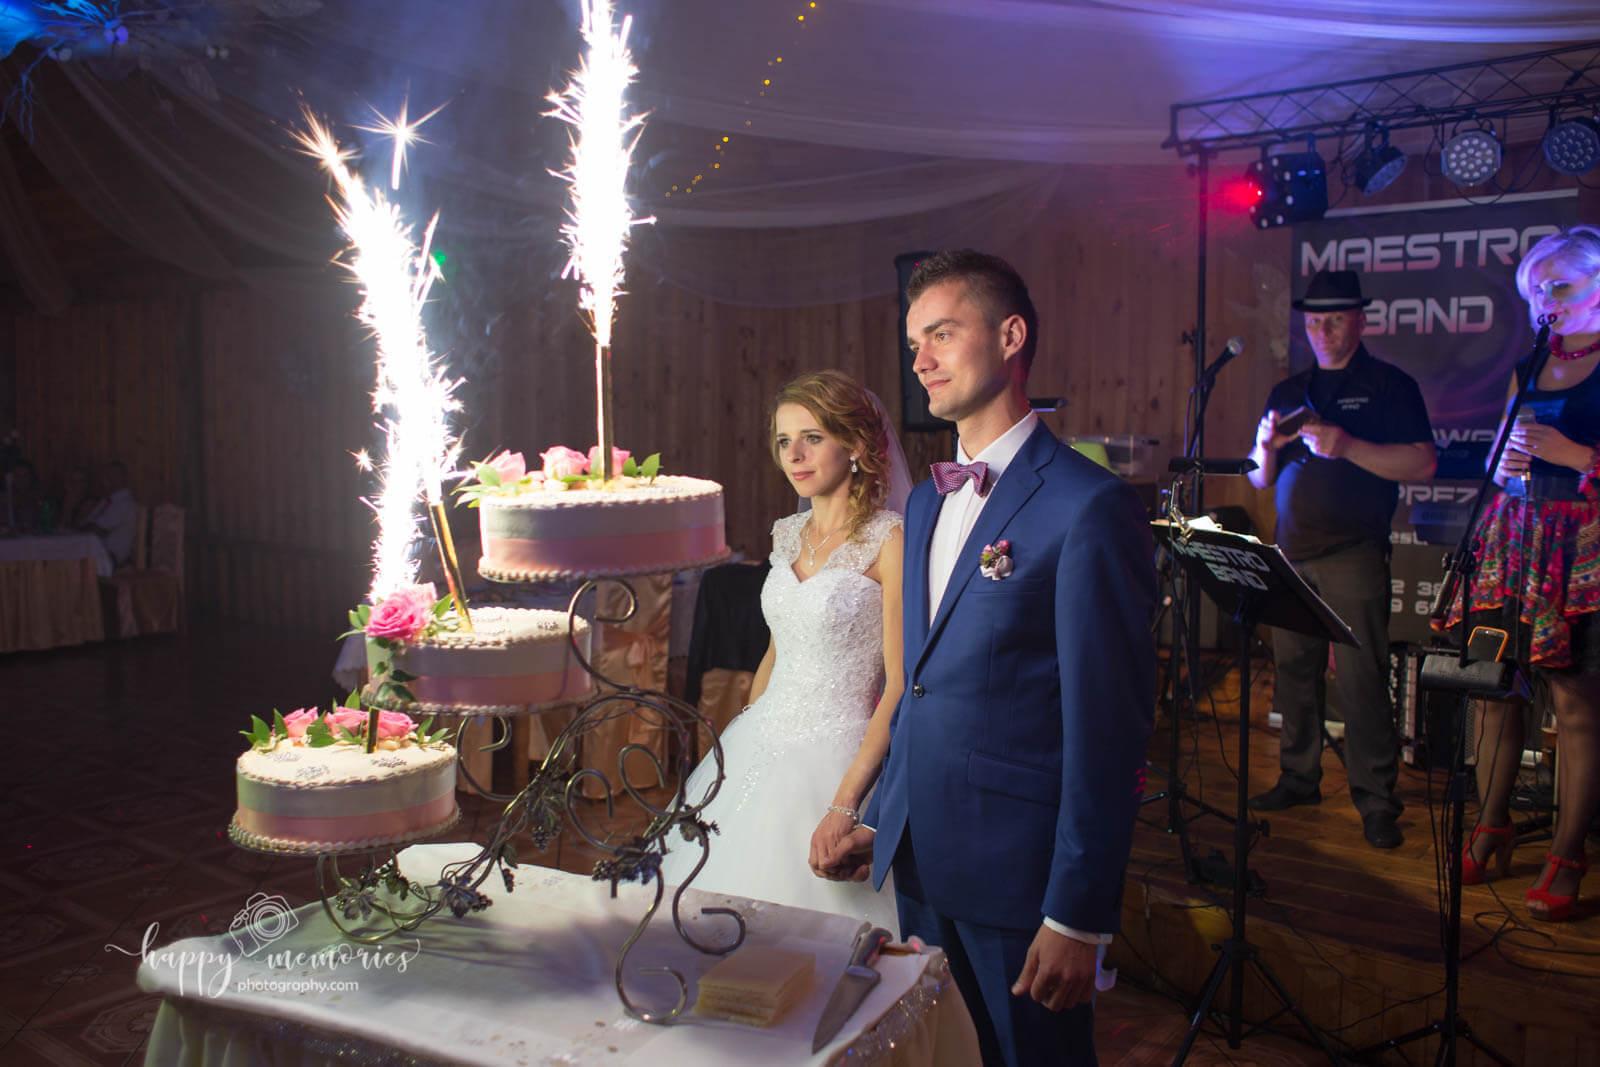 Wedding photographer Horsham-28